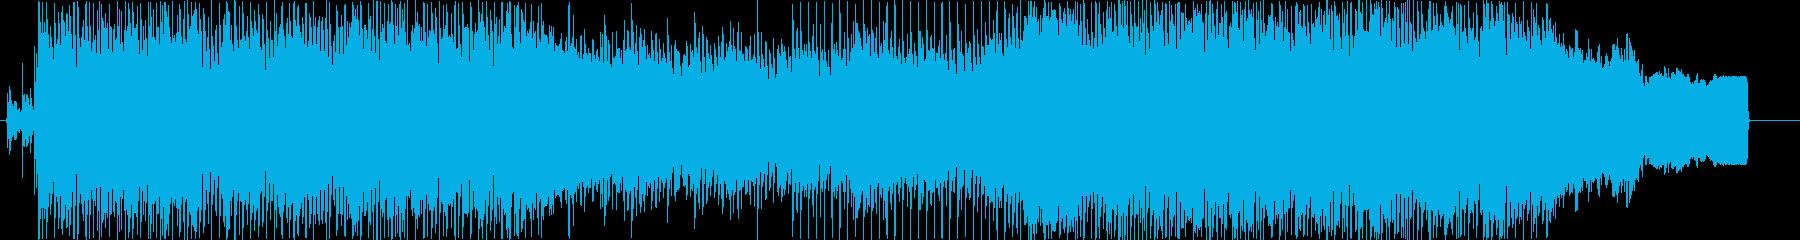 オープニングに合う明るいビート曲の再生済みの波形